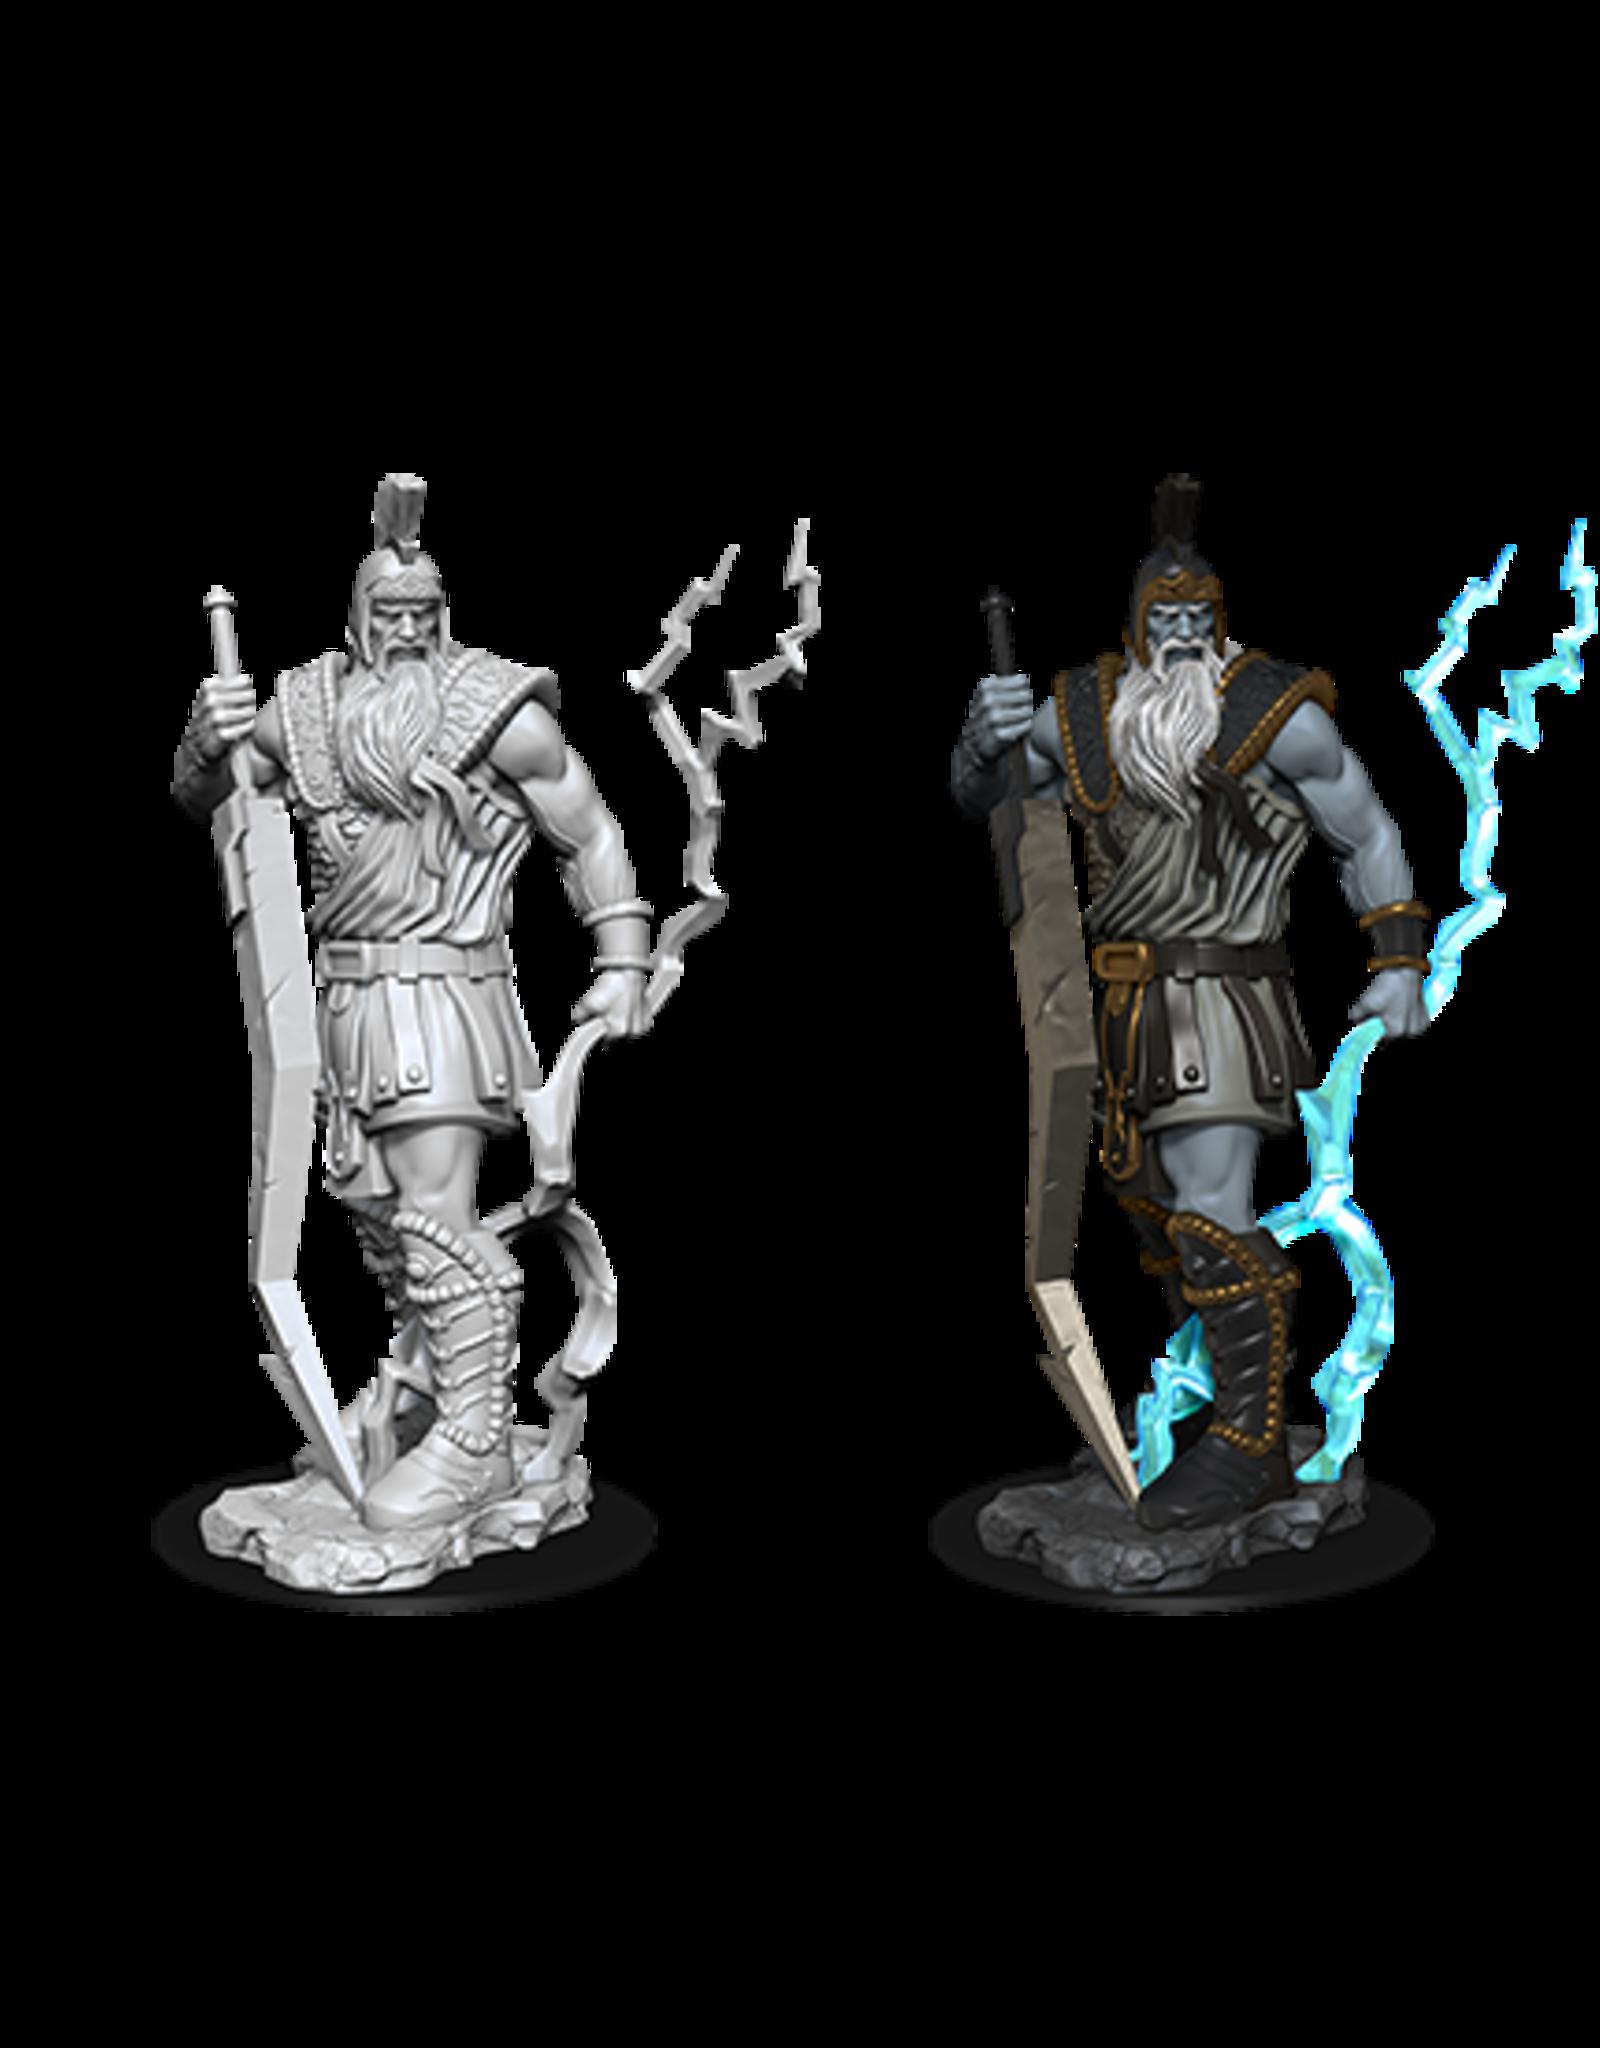 Nolzur's Marvelous Miniatures D&D D&D NMU - Storm Giant (W12)